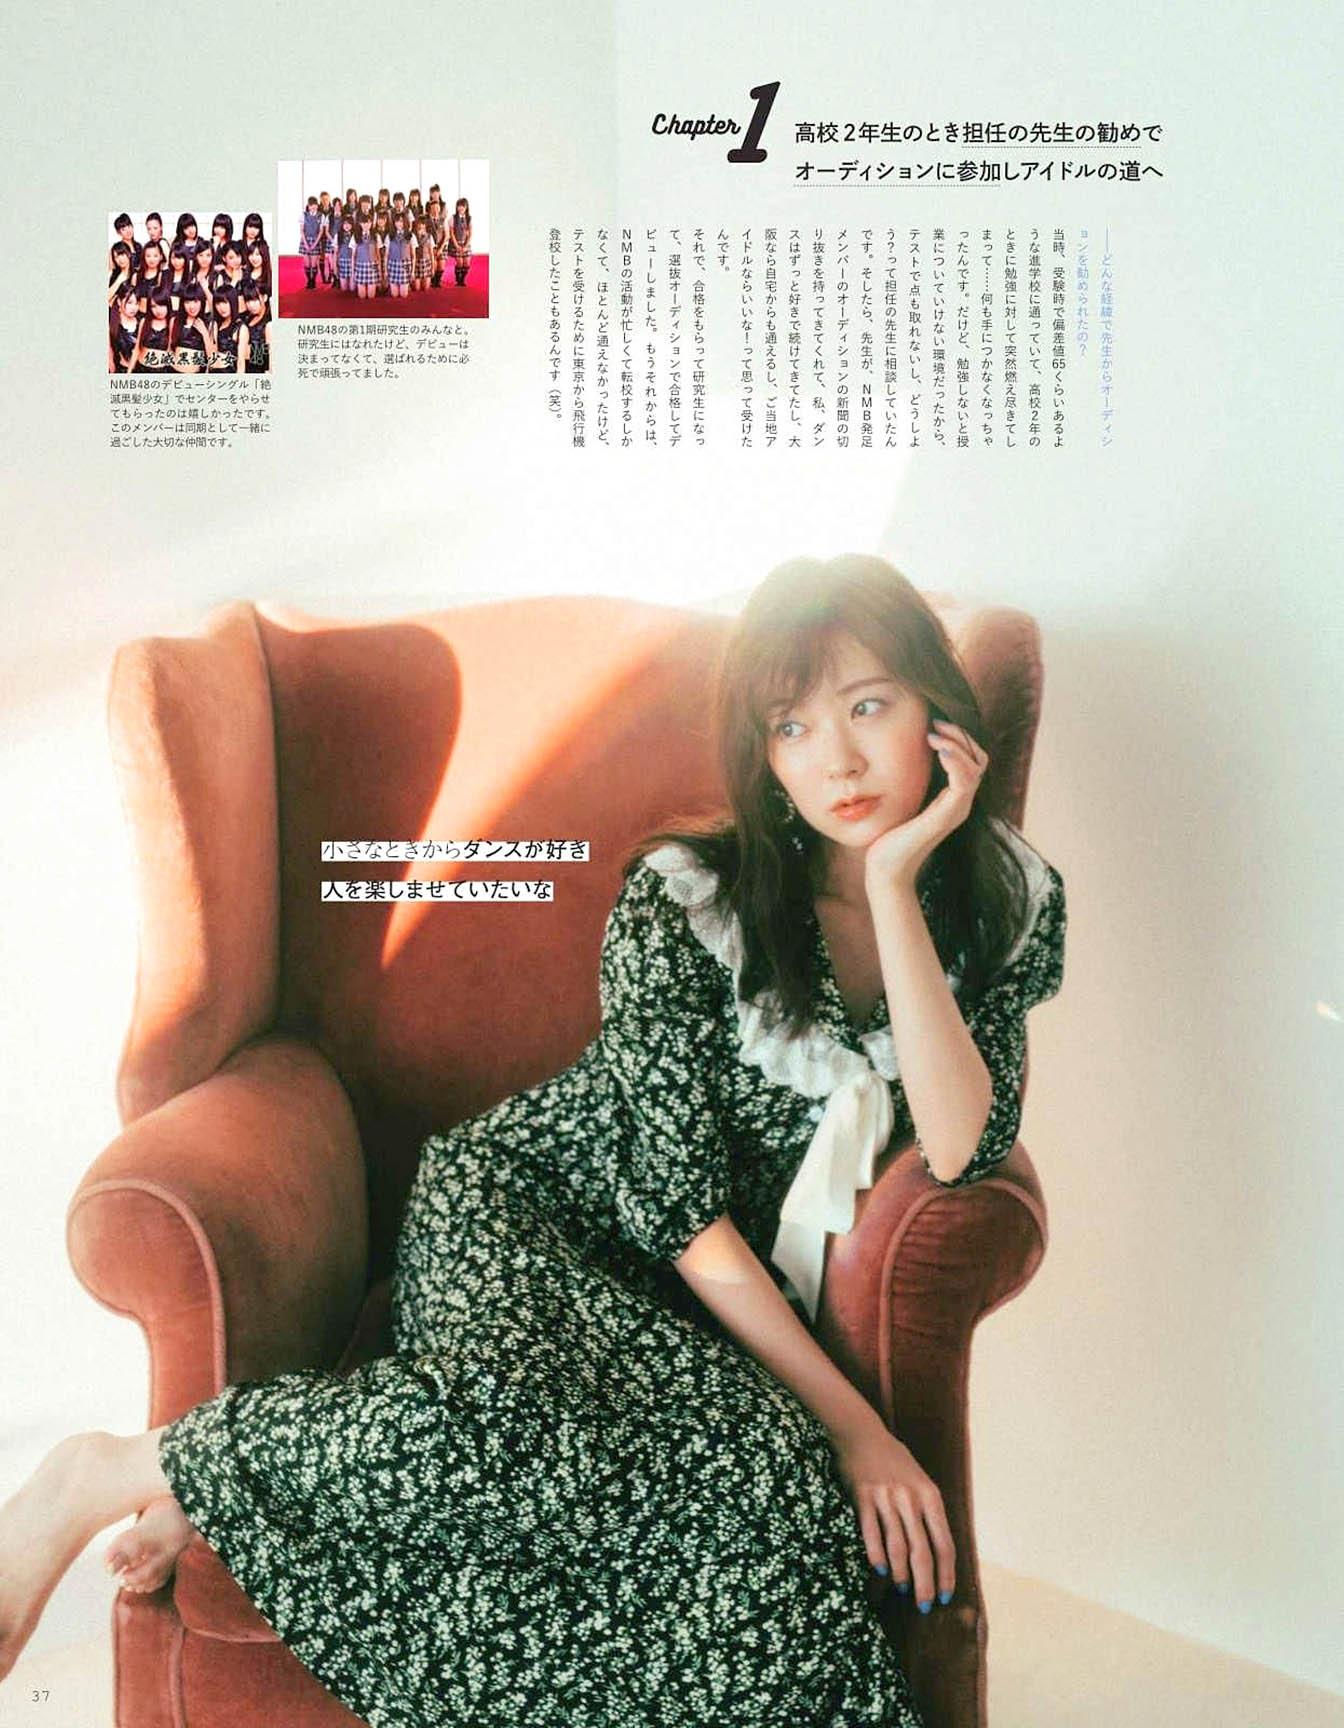 MiWatanabe Peche 2108 02.jpg